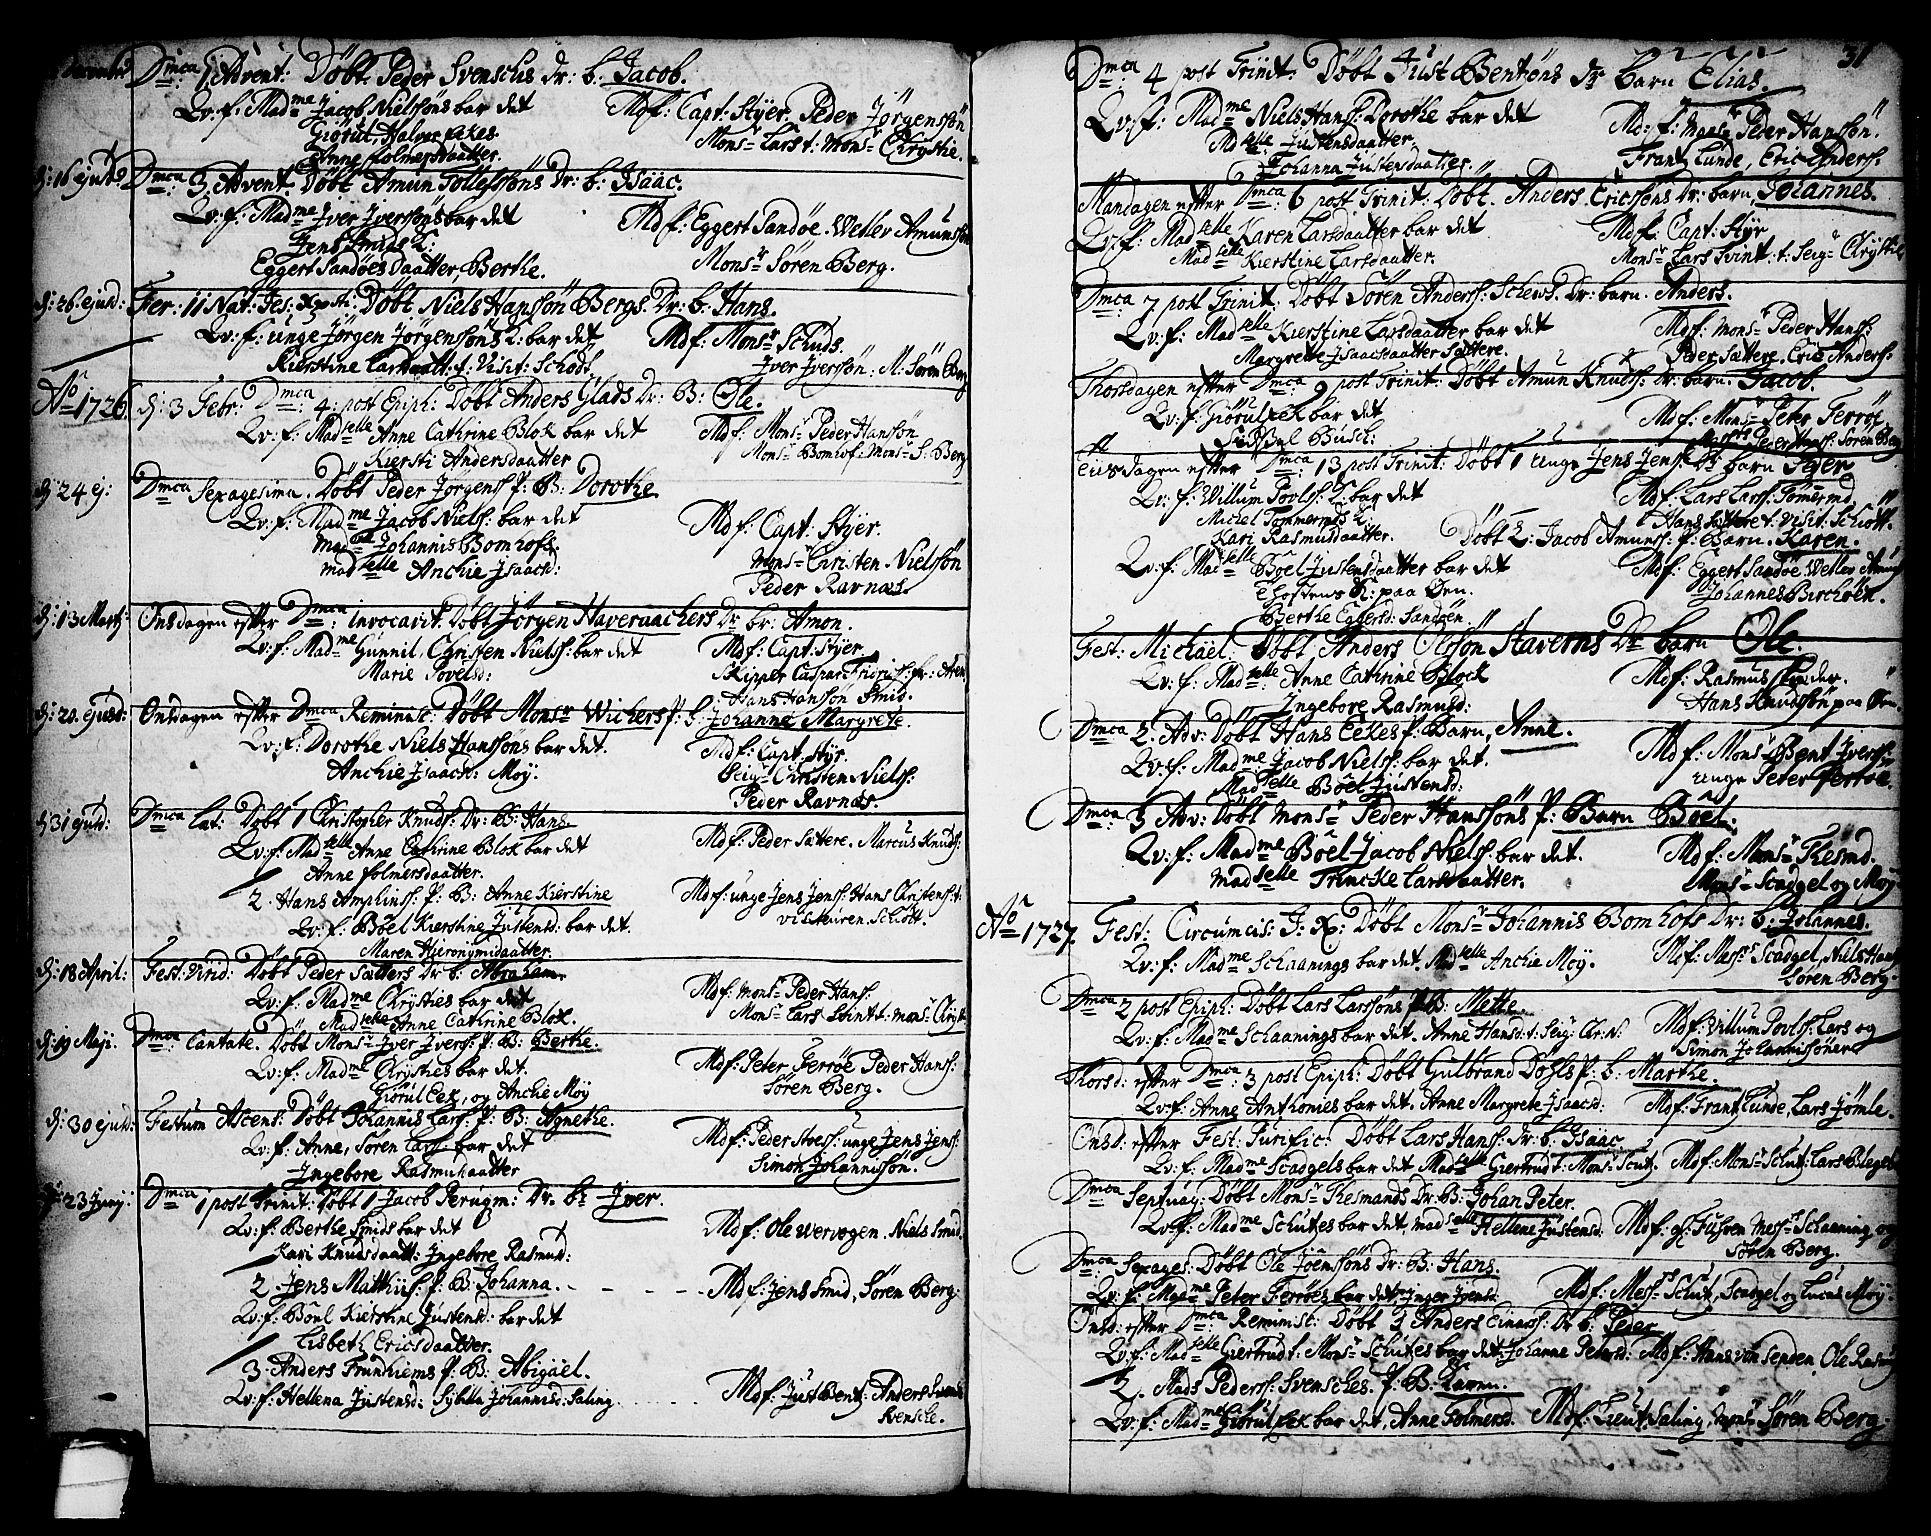 SAKO, Brevik kirkebøker, F/Fa/L0002: Ministerialbok nr. 2, 1720-1764, s. 31